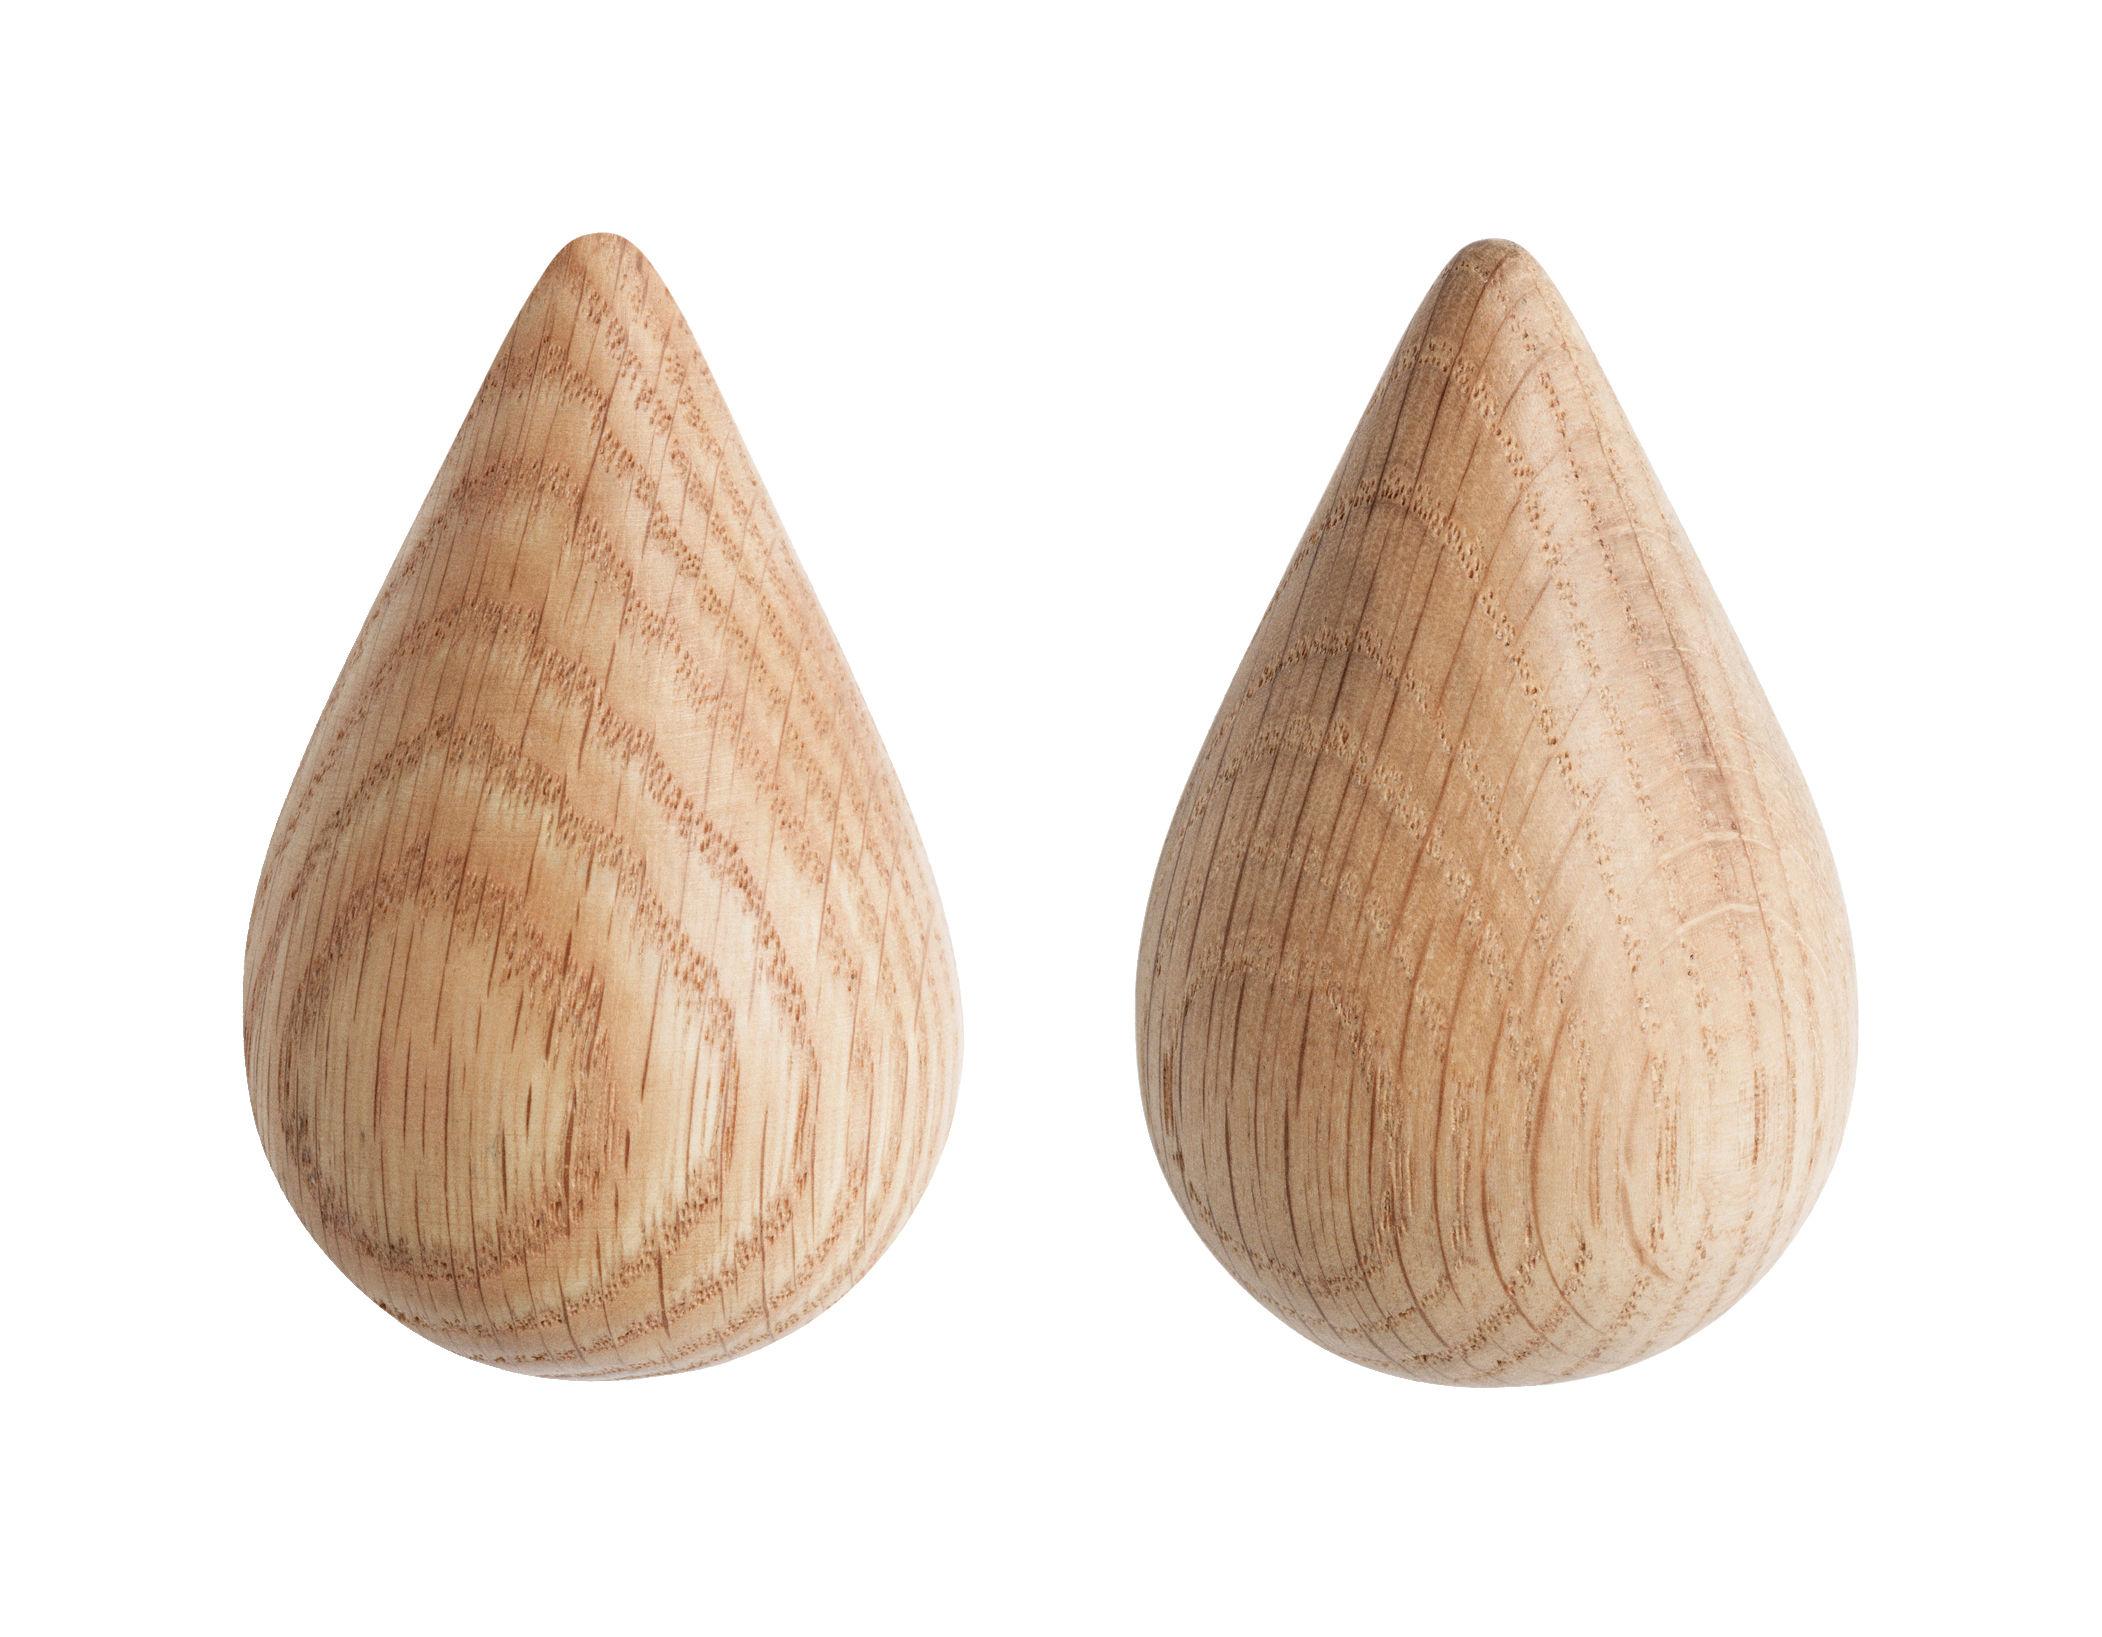 Möbel - Garderoben und Kleiderhaken - Dropit Wandhaken 2er-Set Größe S - H 7,7 cm - Normann Copenhagen - Natur - S / H 7,7 cm - Holz